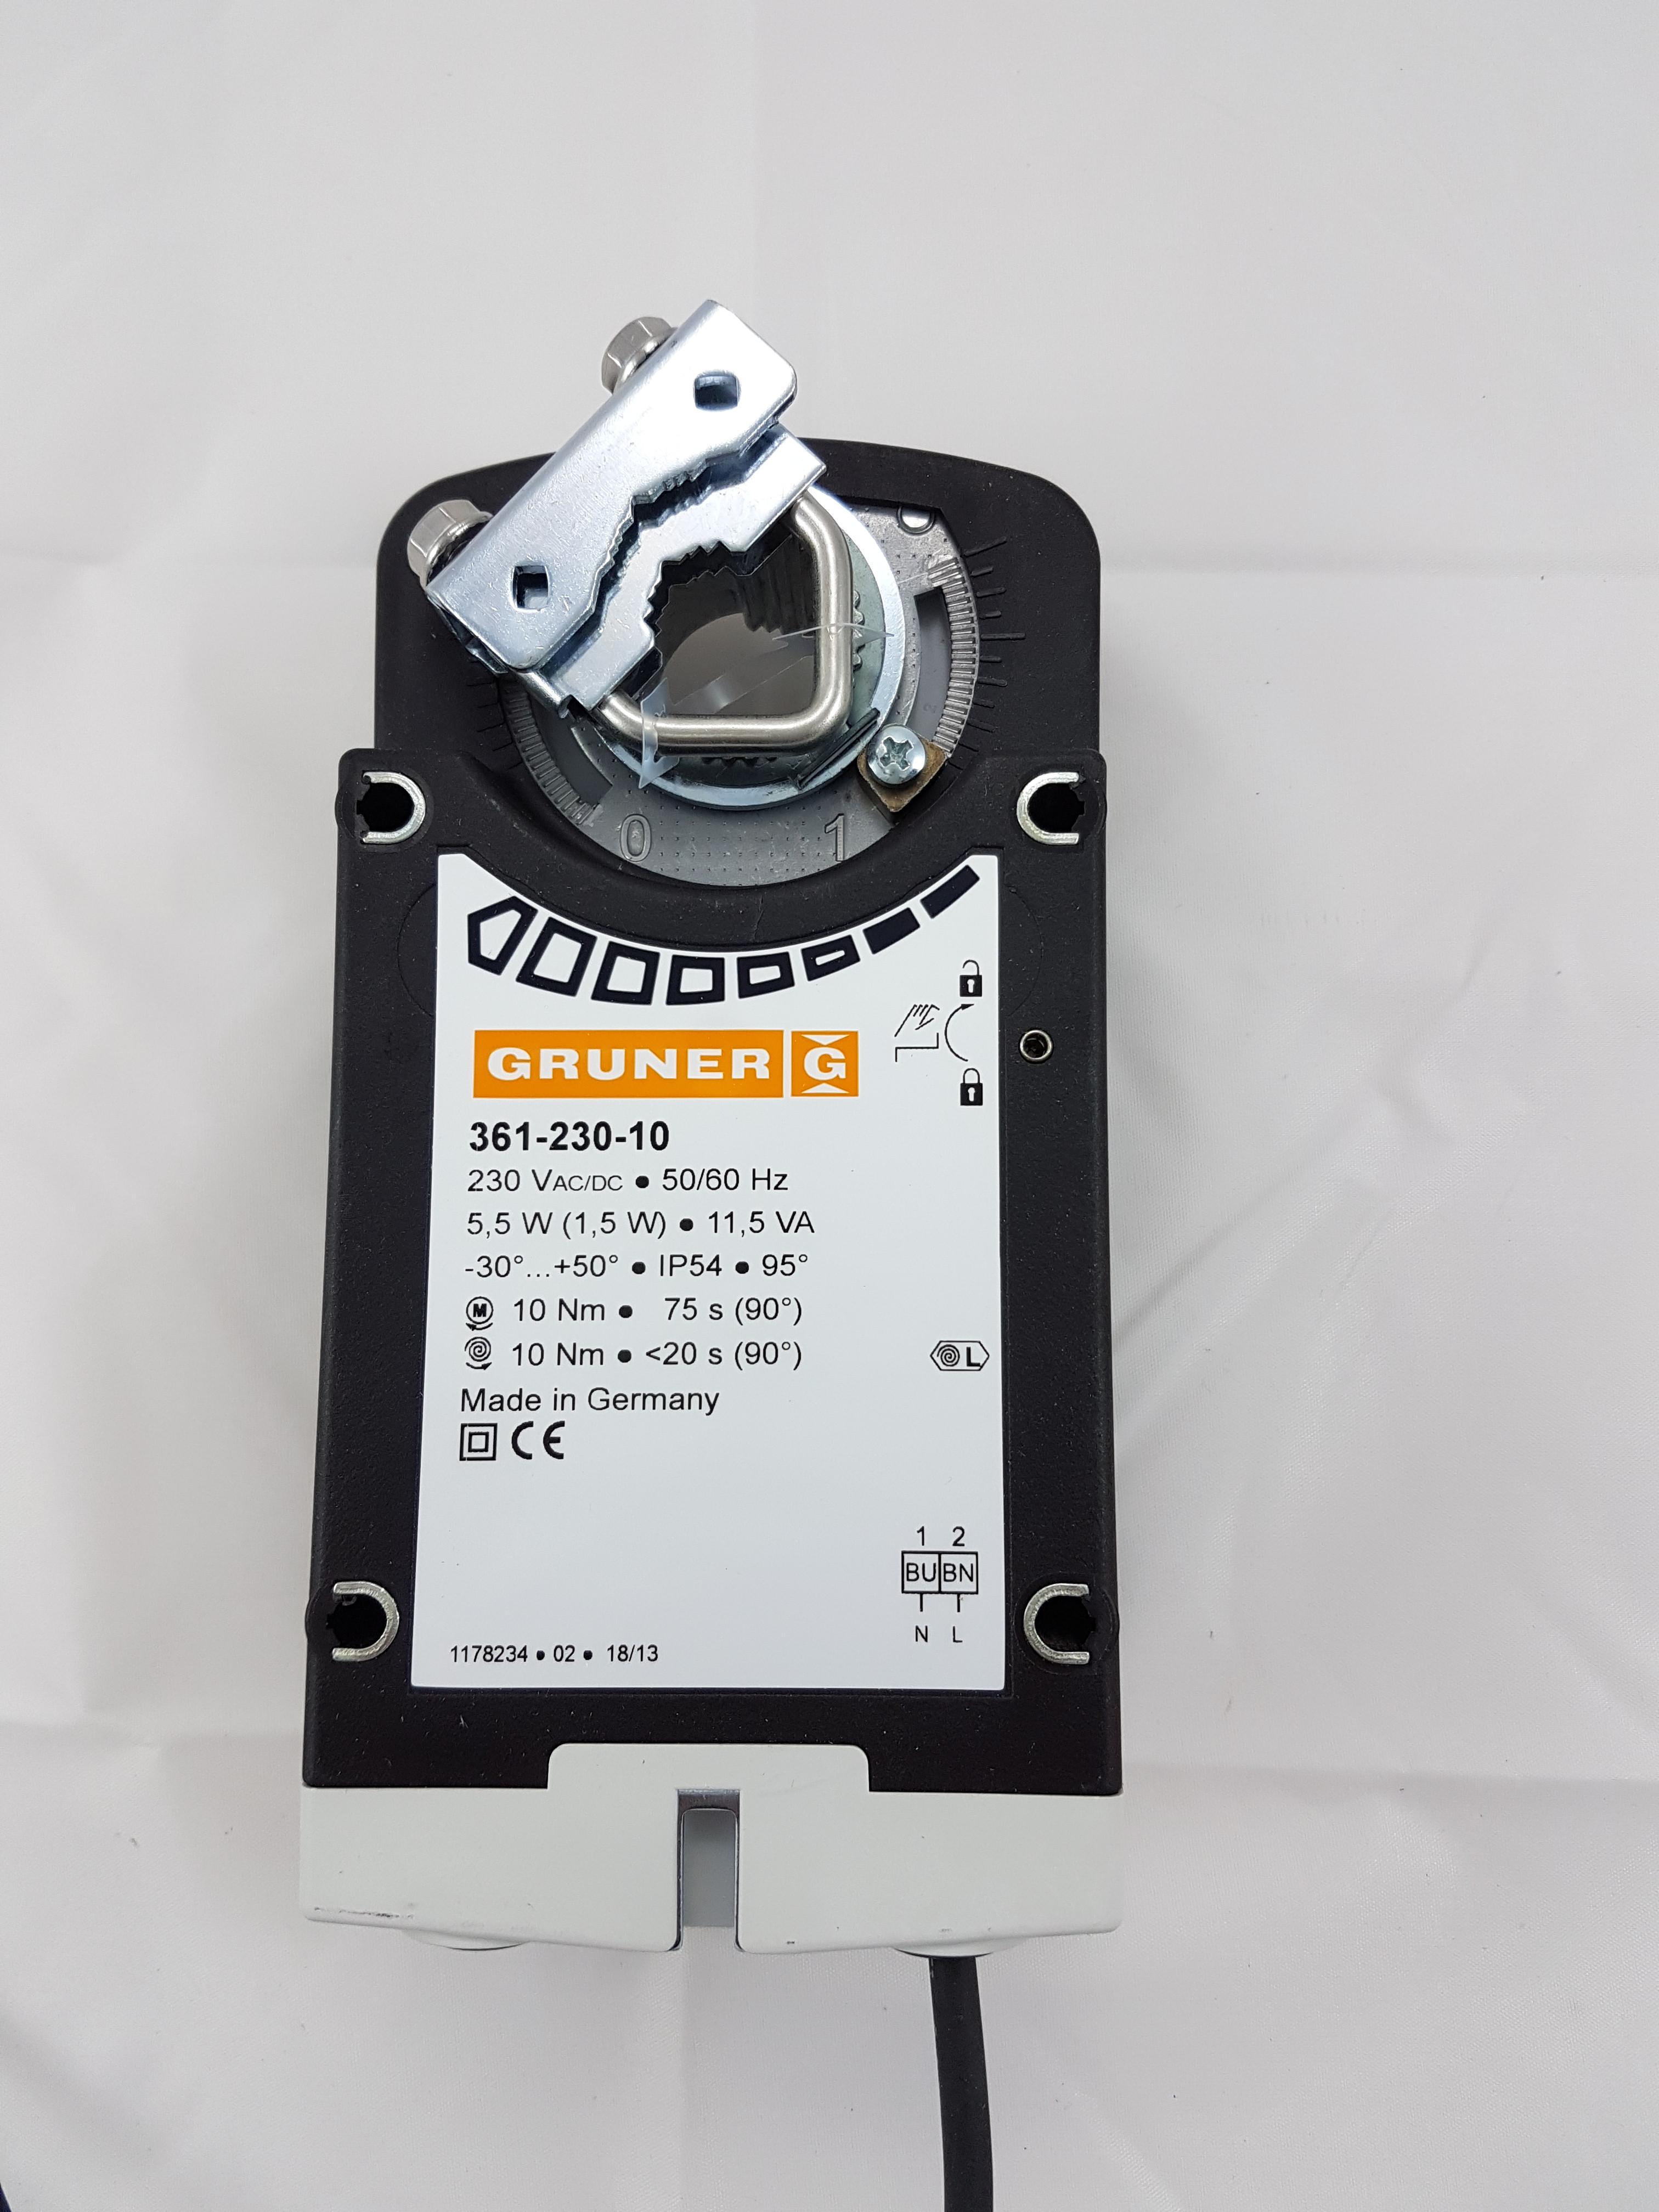 Gruner Klappenstellantrieb 361-230-10 Federrücklauf 230V 10Nm